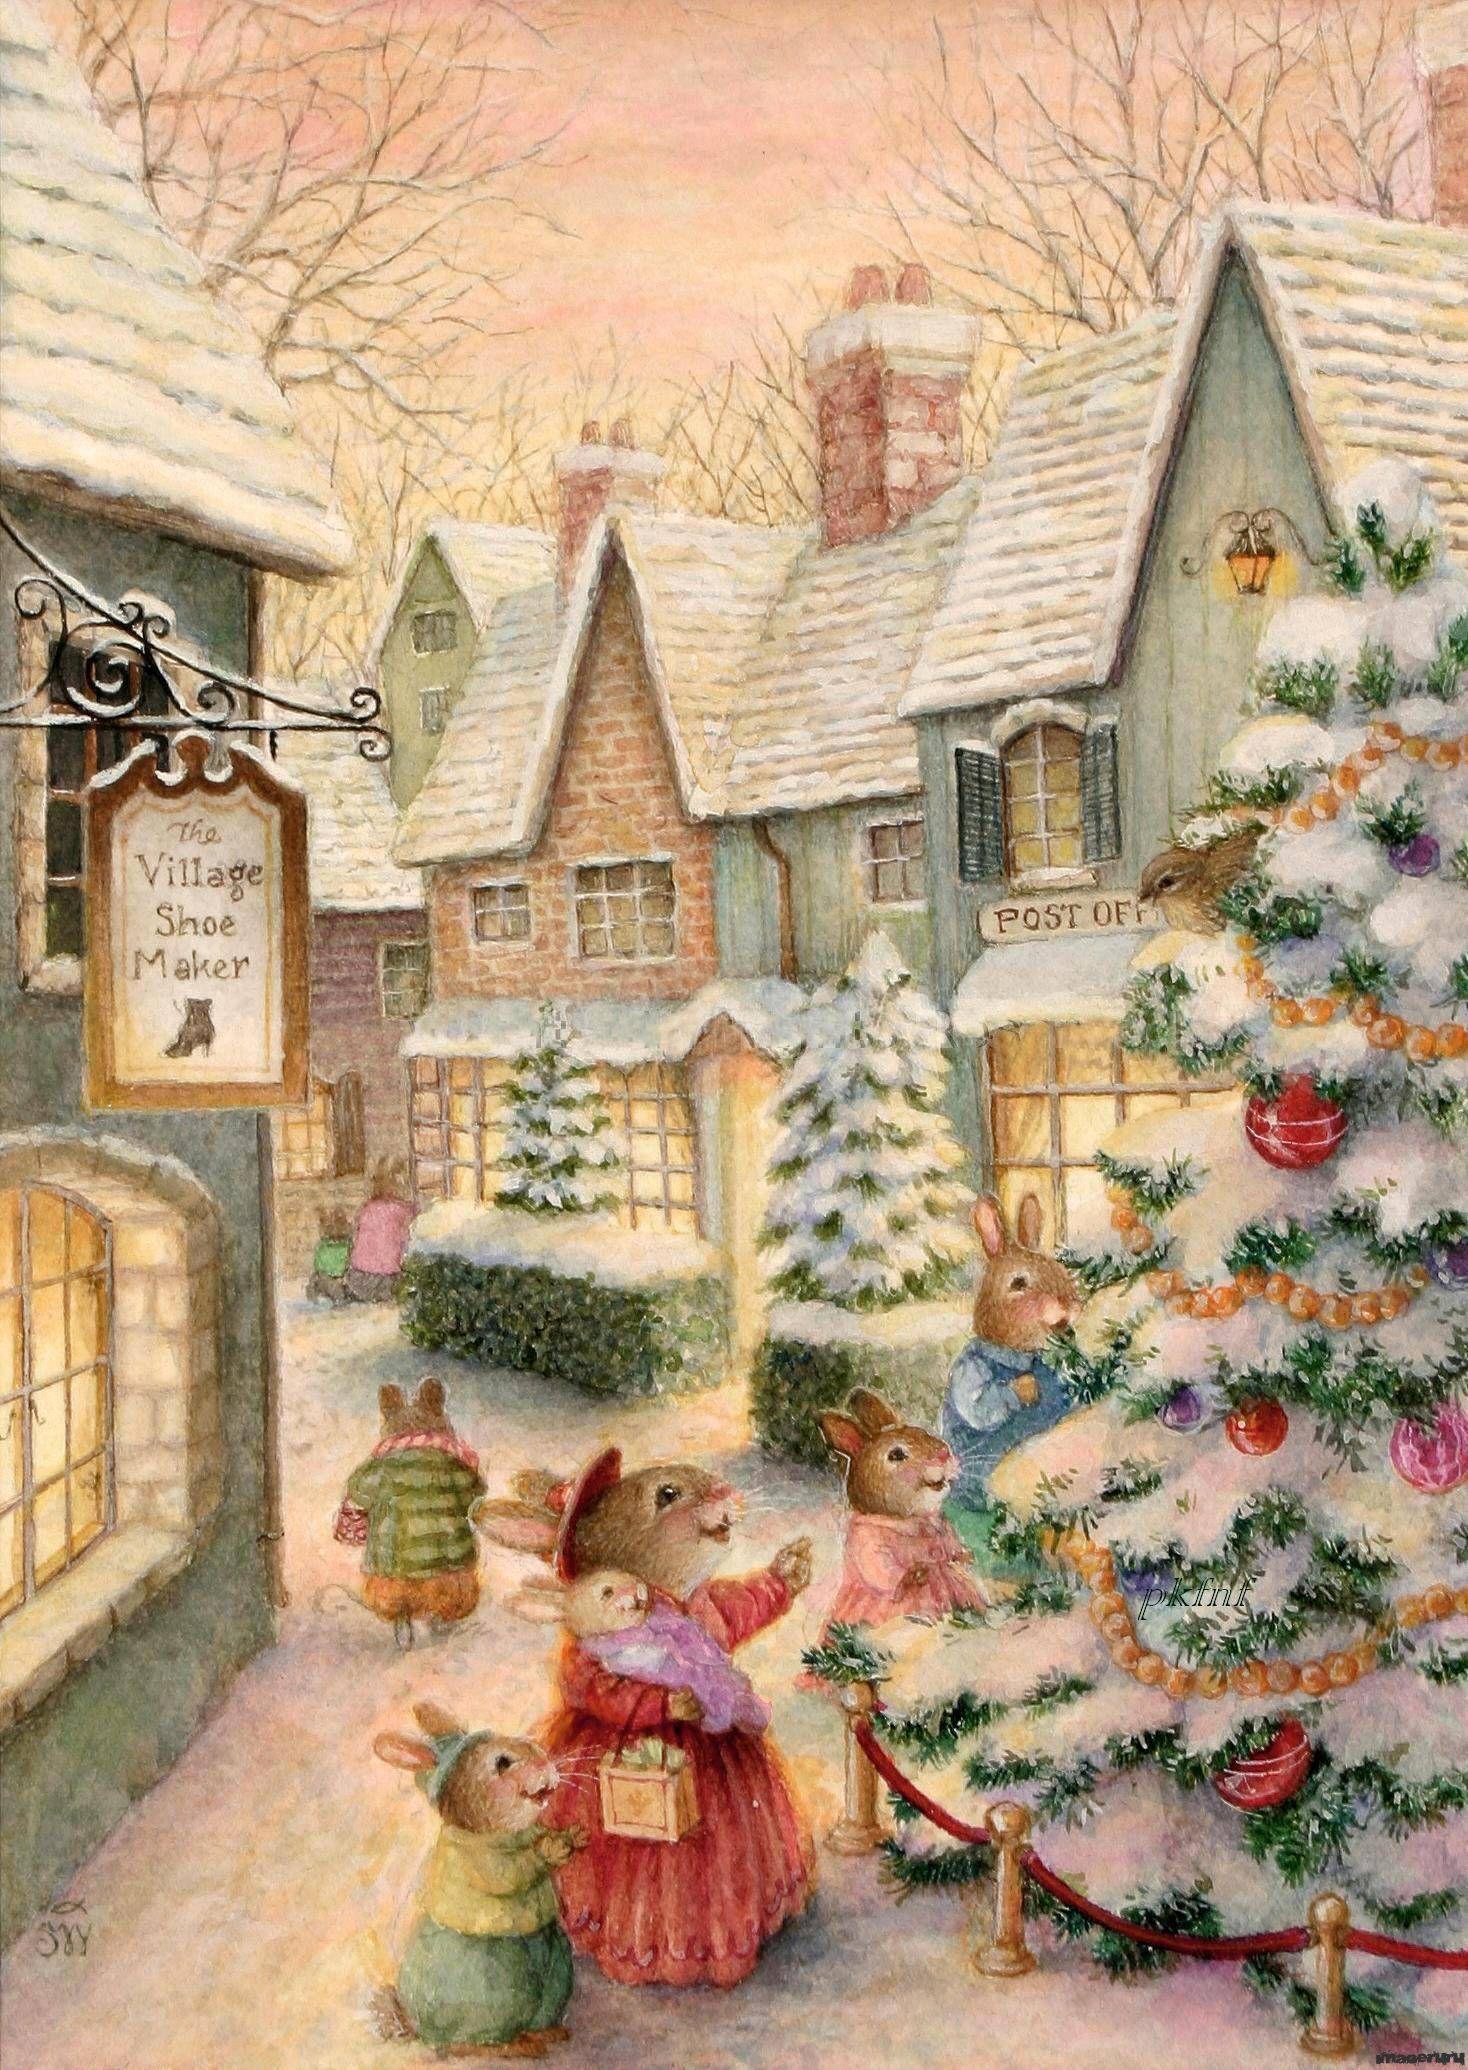 Загадки на английском языке про Новый год и зиму с ответами